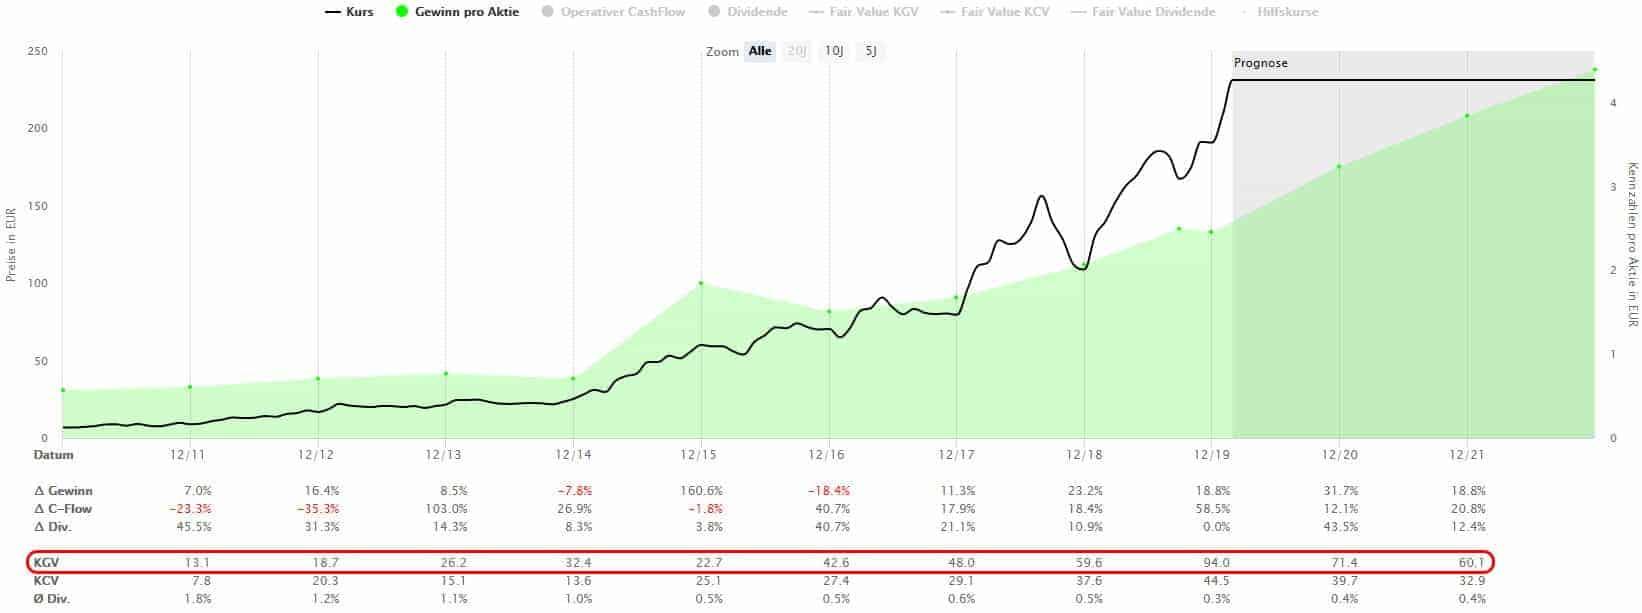 Sartorius Aktie als konservativer Tenbagger mit zuverlässig steigenden Gewinnen